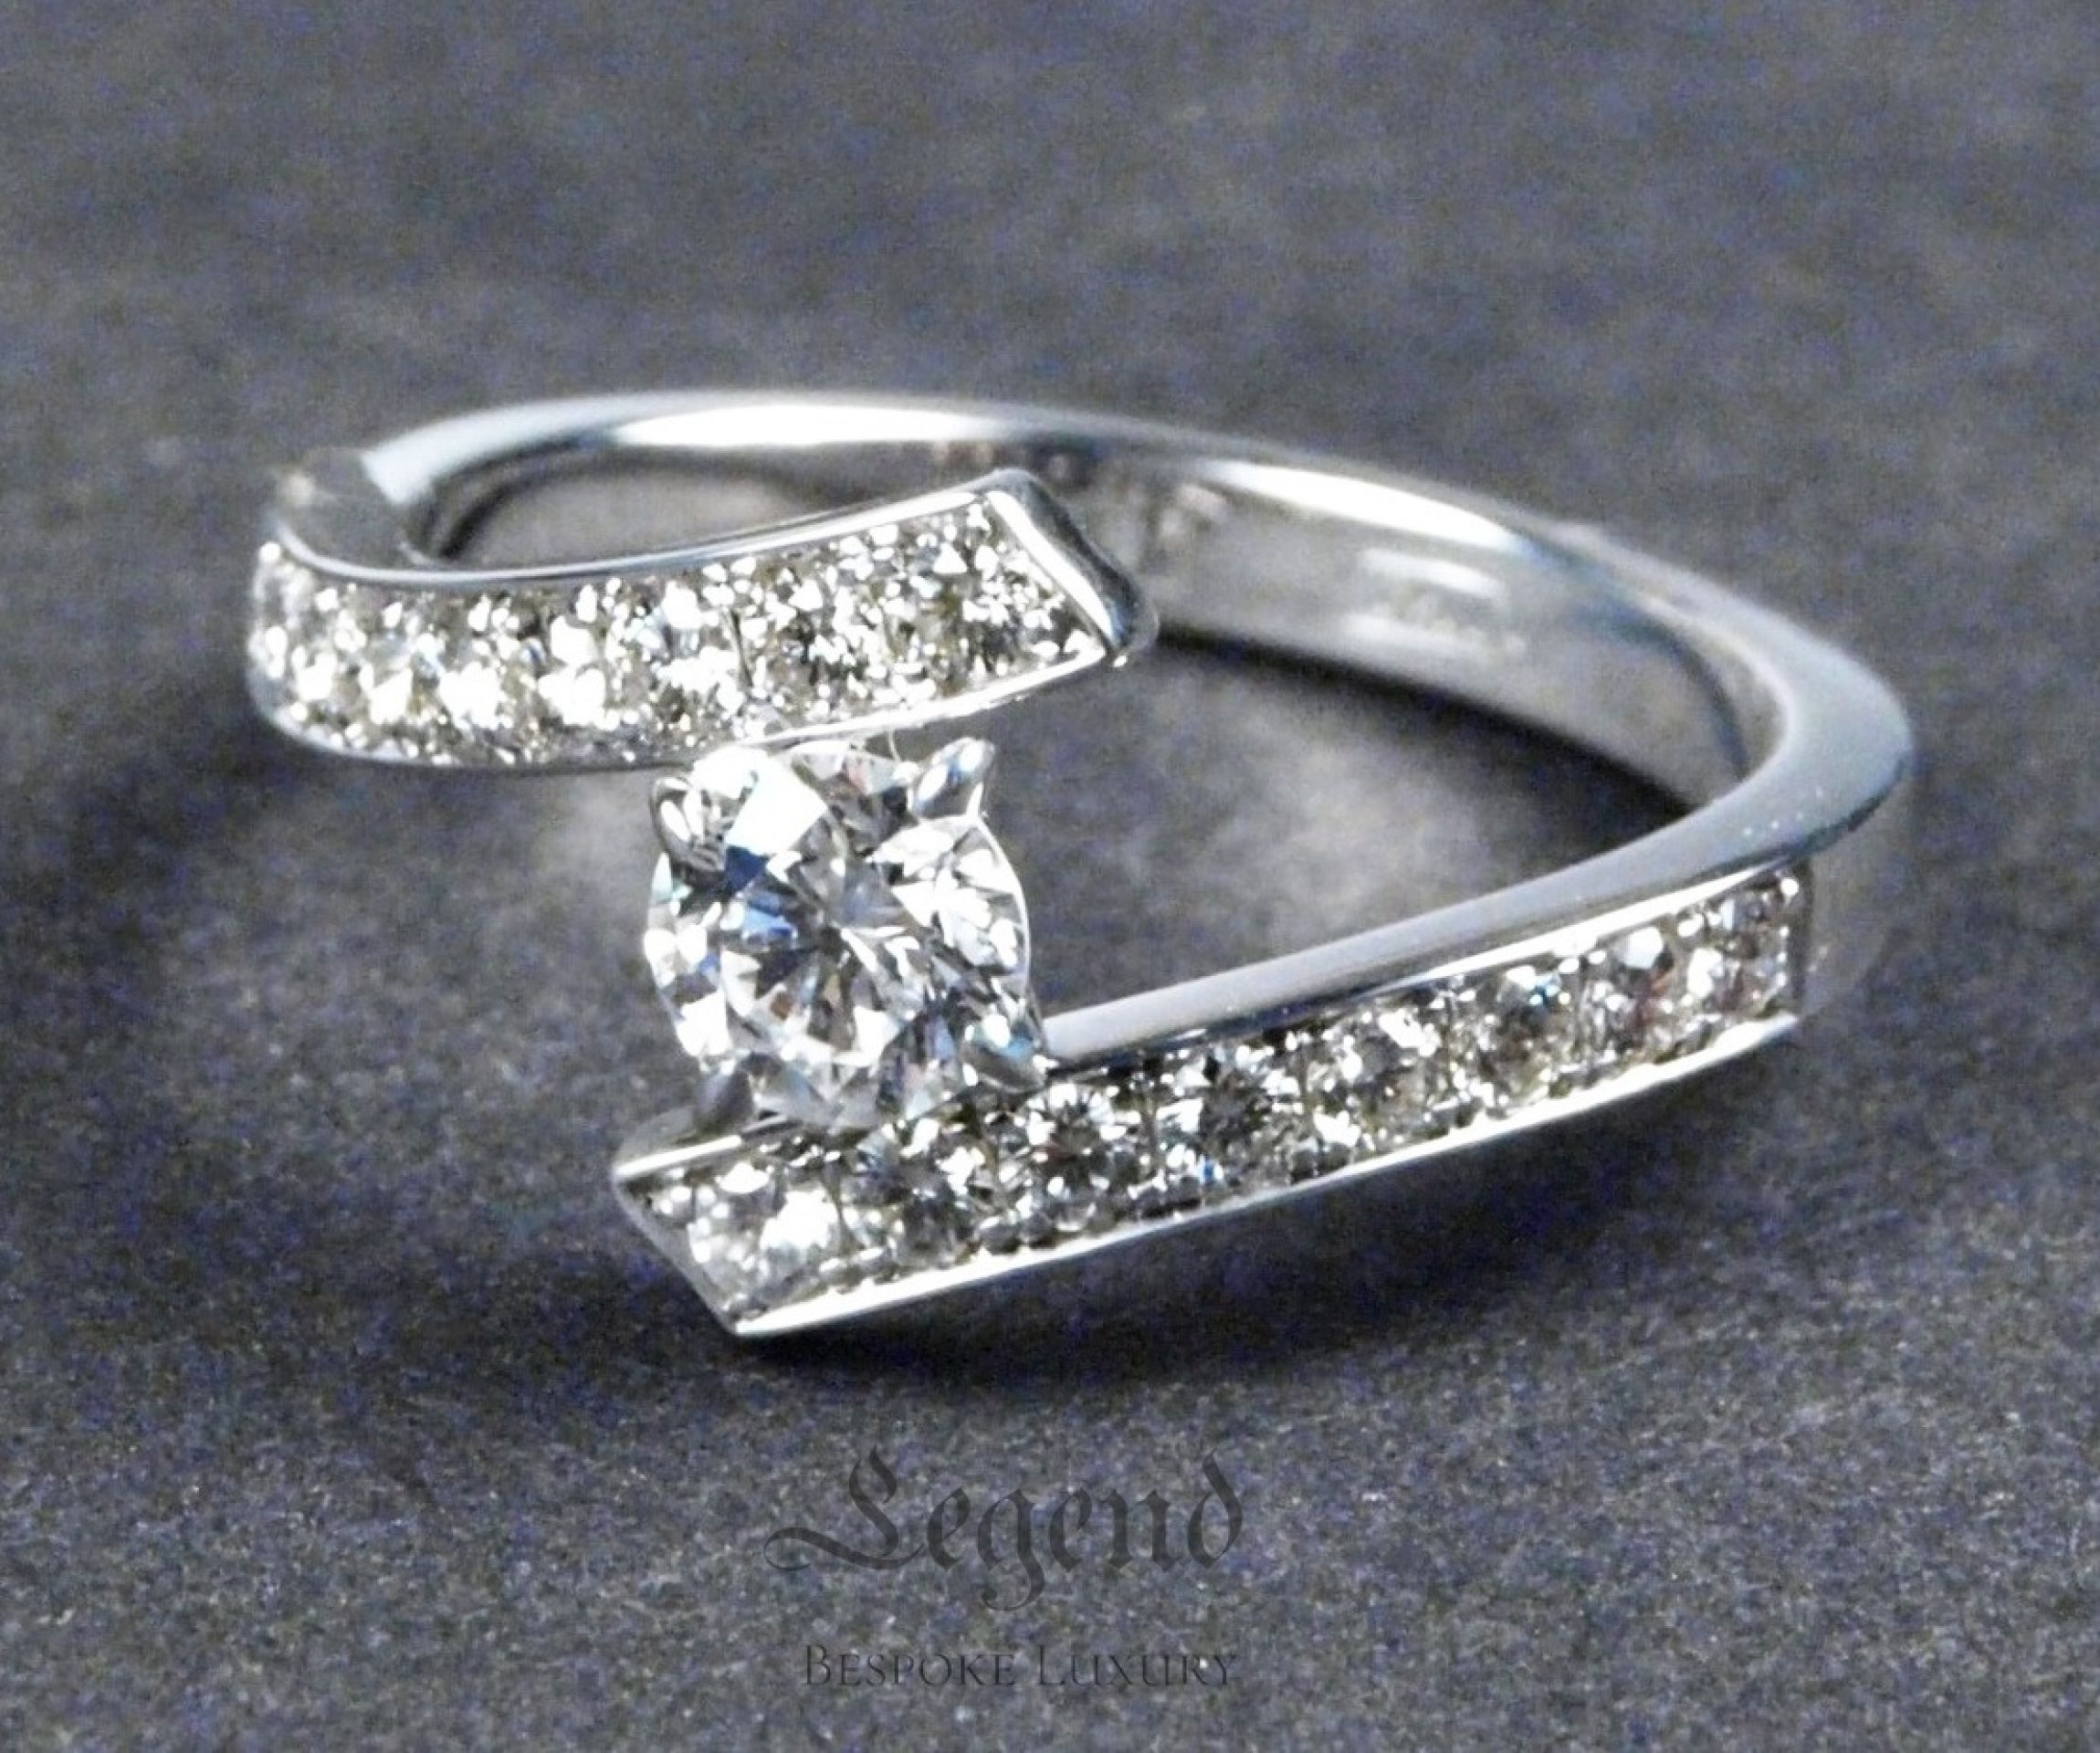 Bespoke Luxury Rings by Legend Helsinki-Your choice of metal, design, gemstones